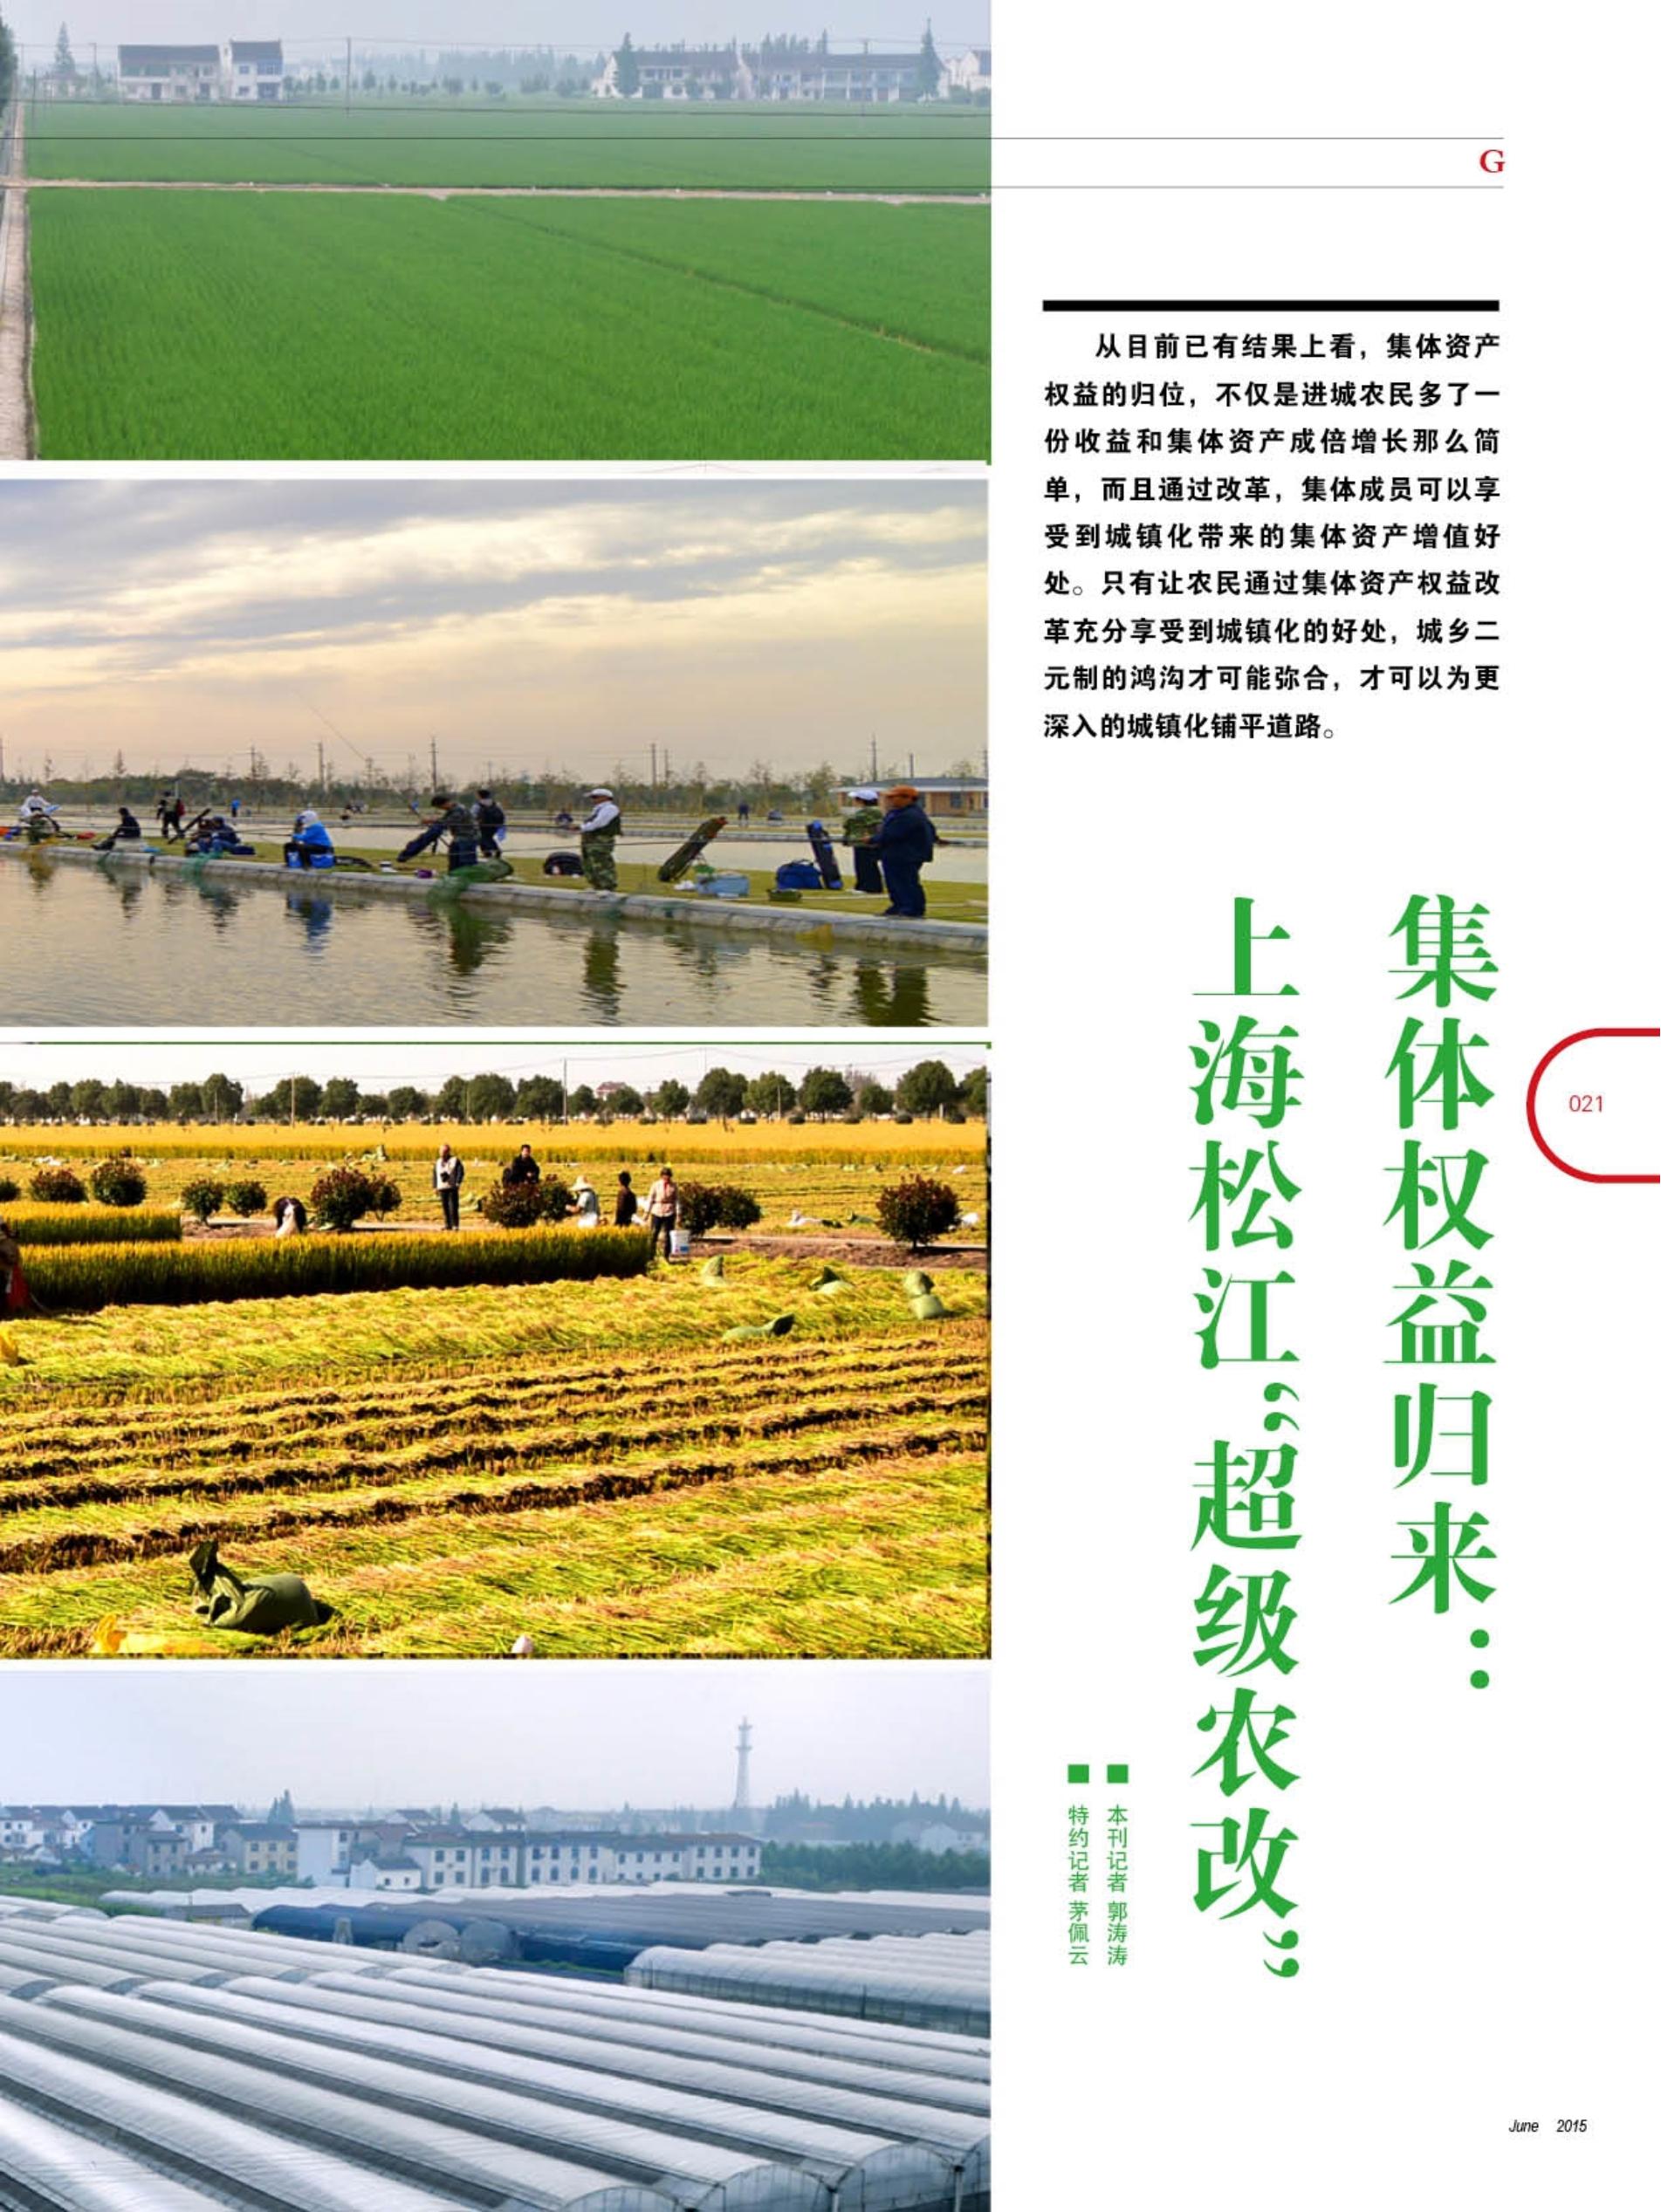 """集体权益归来:上海松江""""超级农改"""""""